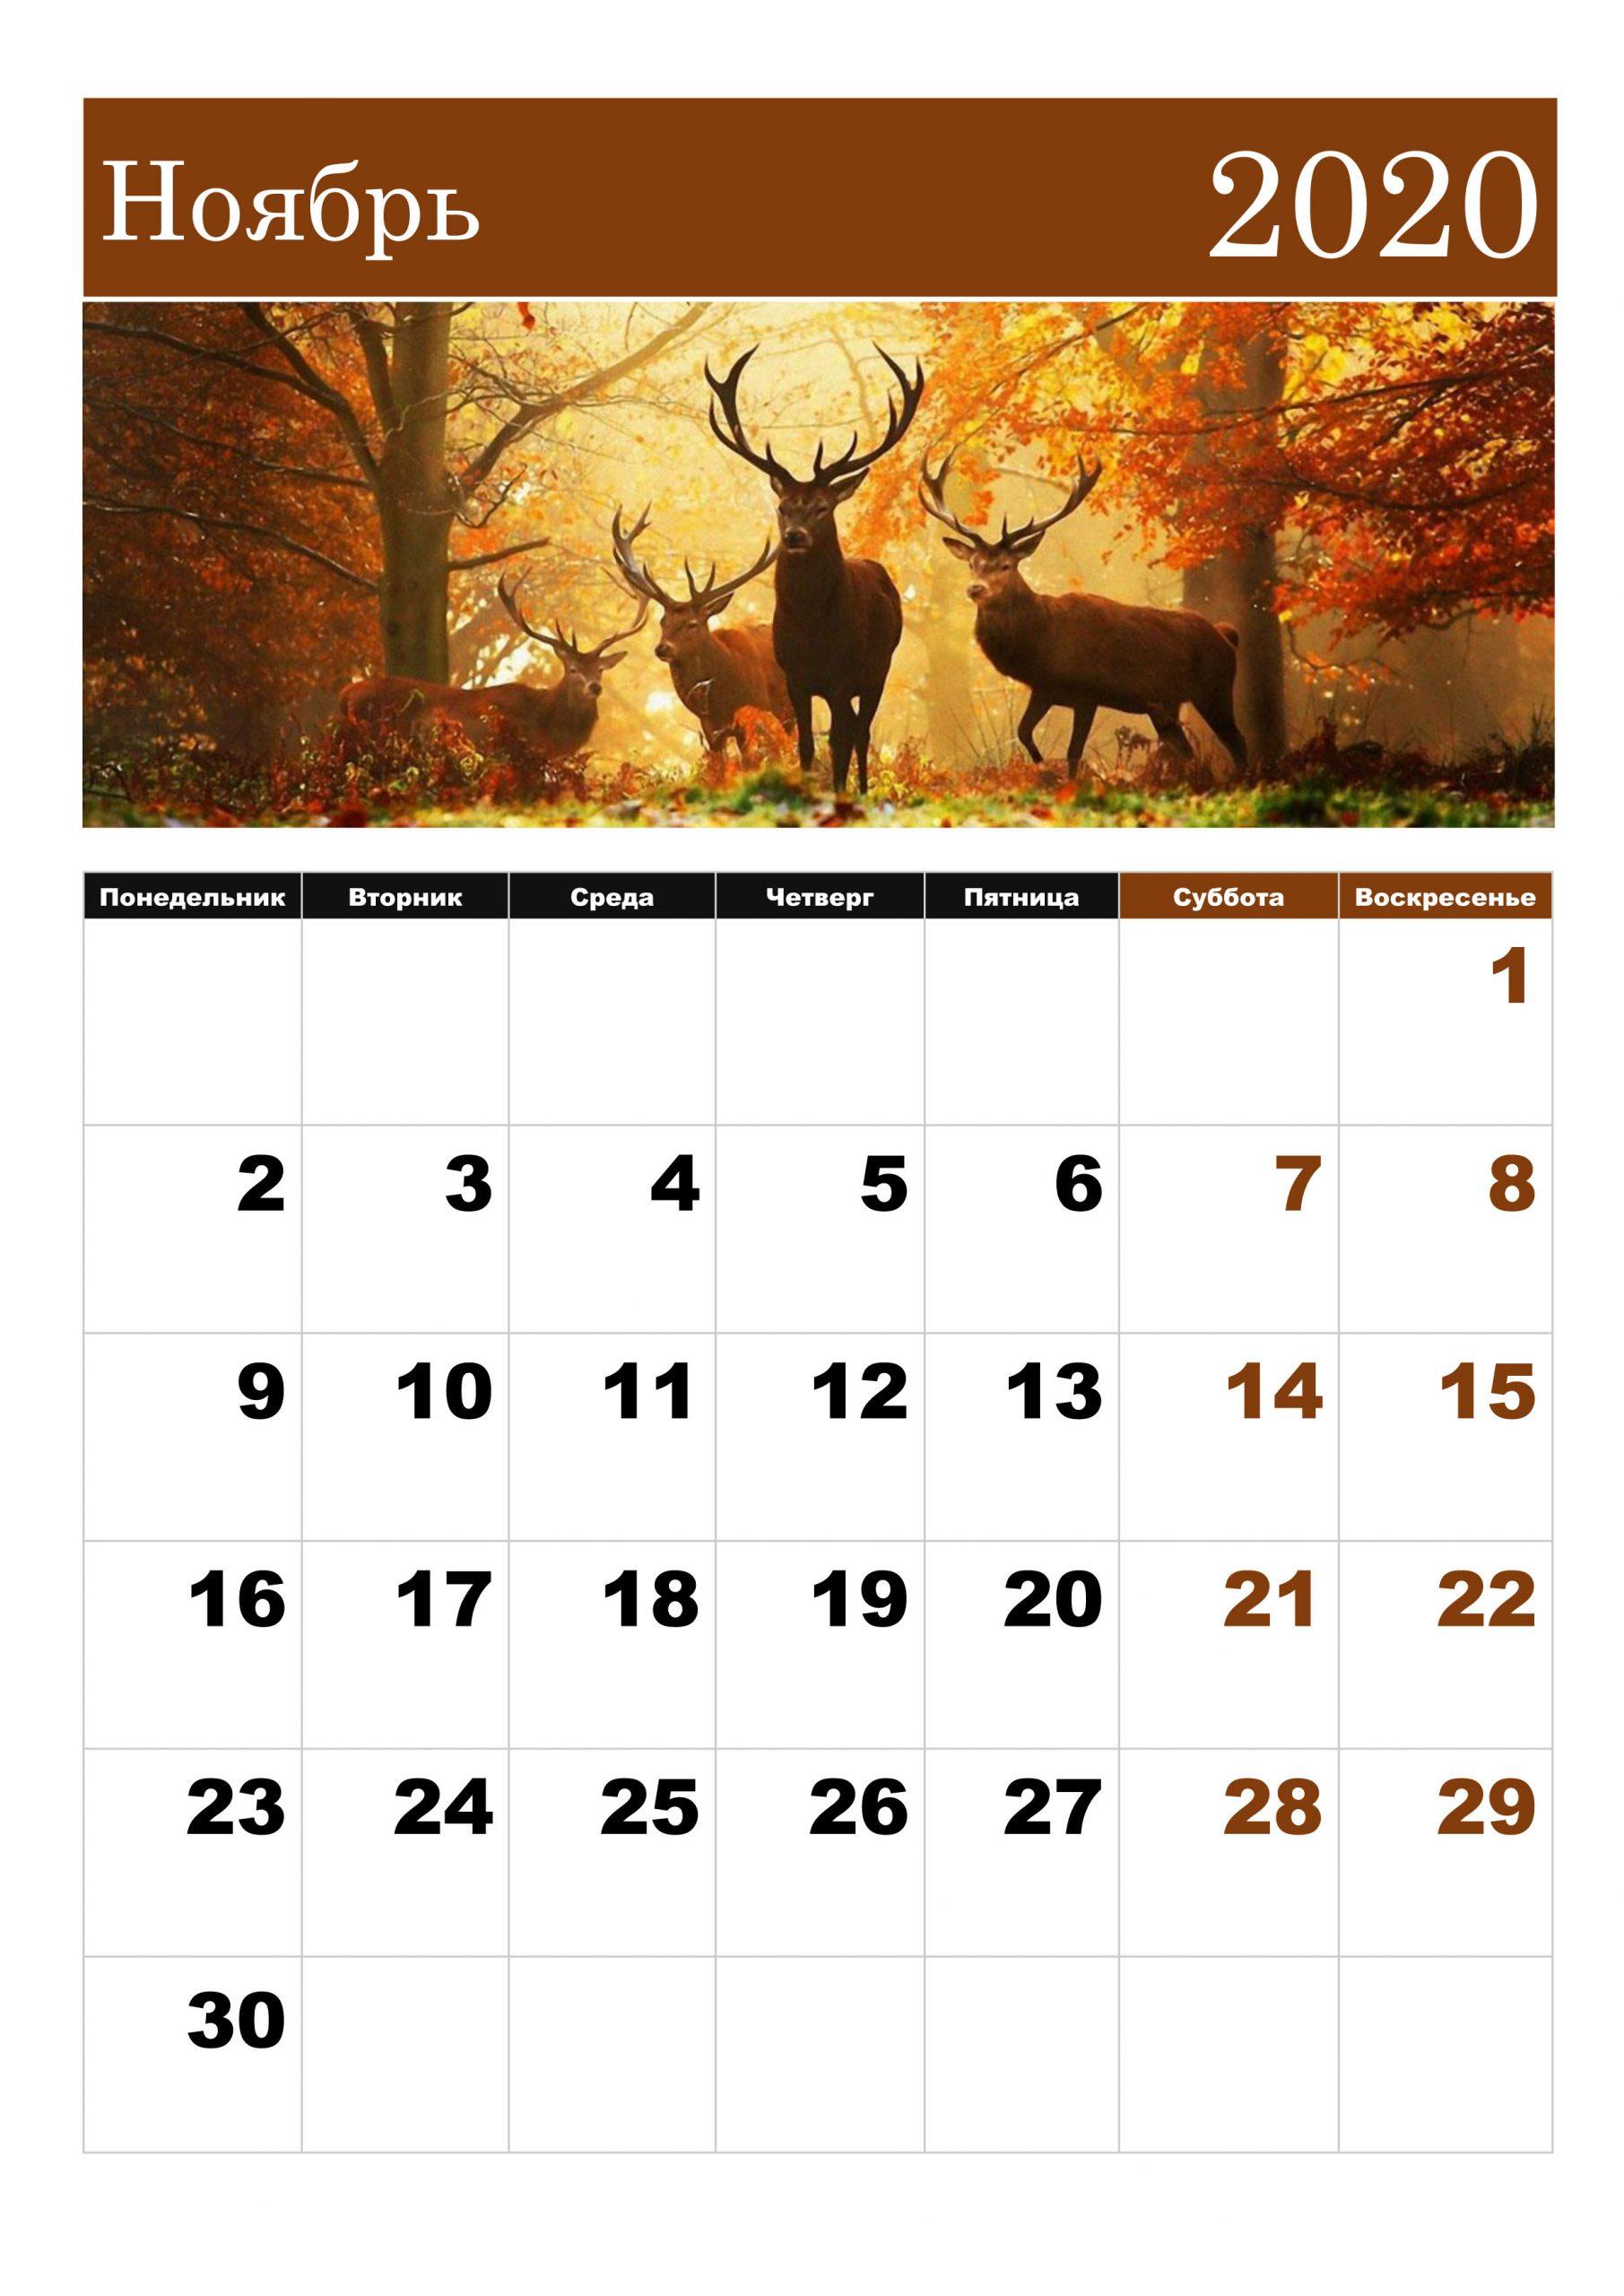 Календарь На Ноябрь 2020: Скачать И Распечатать — 3Mu.ru